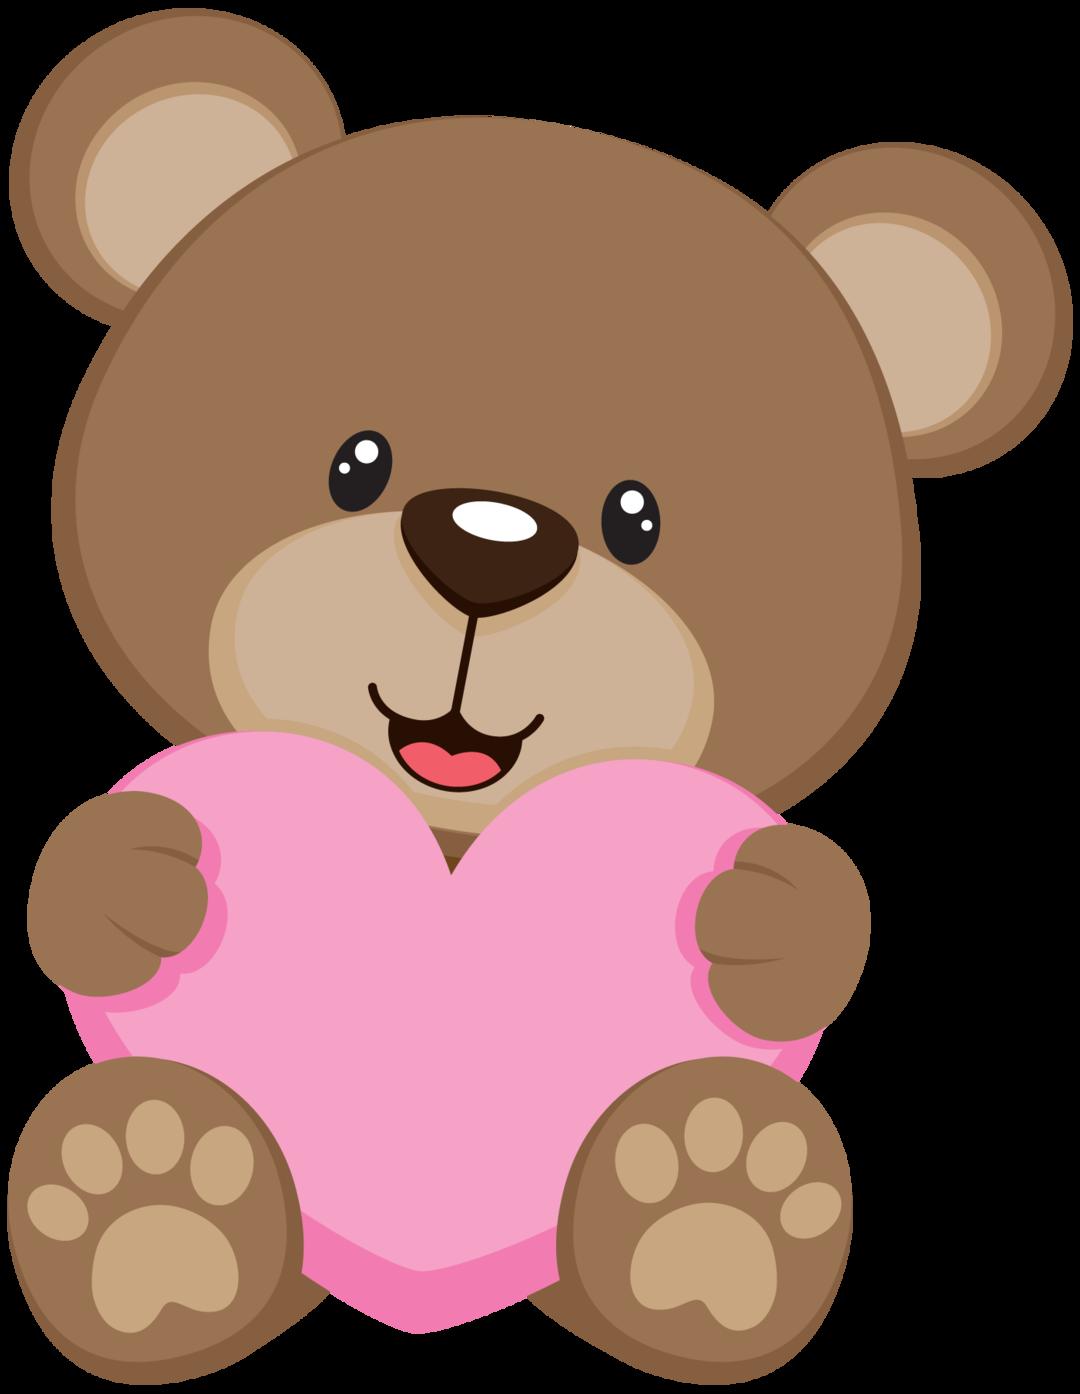 Osito coraz n baby. Clipart beach bear